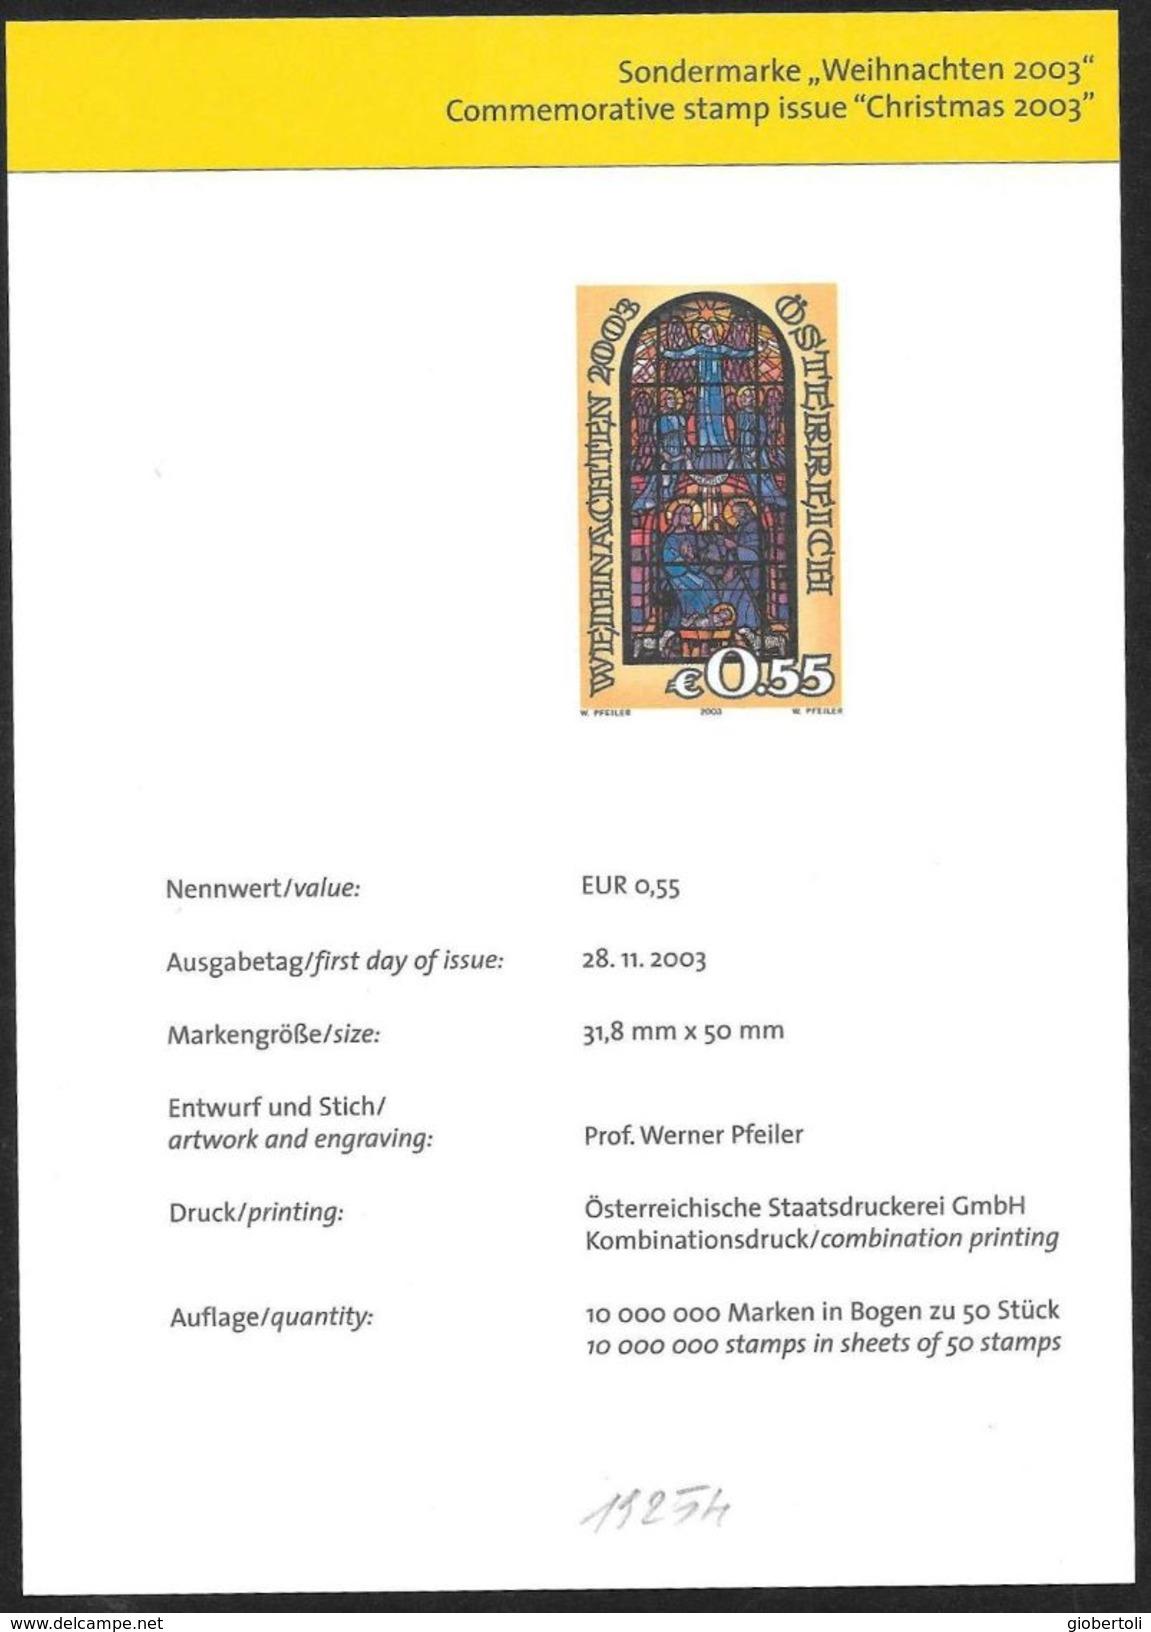 Austria/Autriche: Prova Per La Stampa, Proof For Printing, épreuve Pour L'impression, Natività, Nativity, Nativité - Vetri & Vetrate